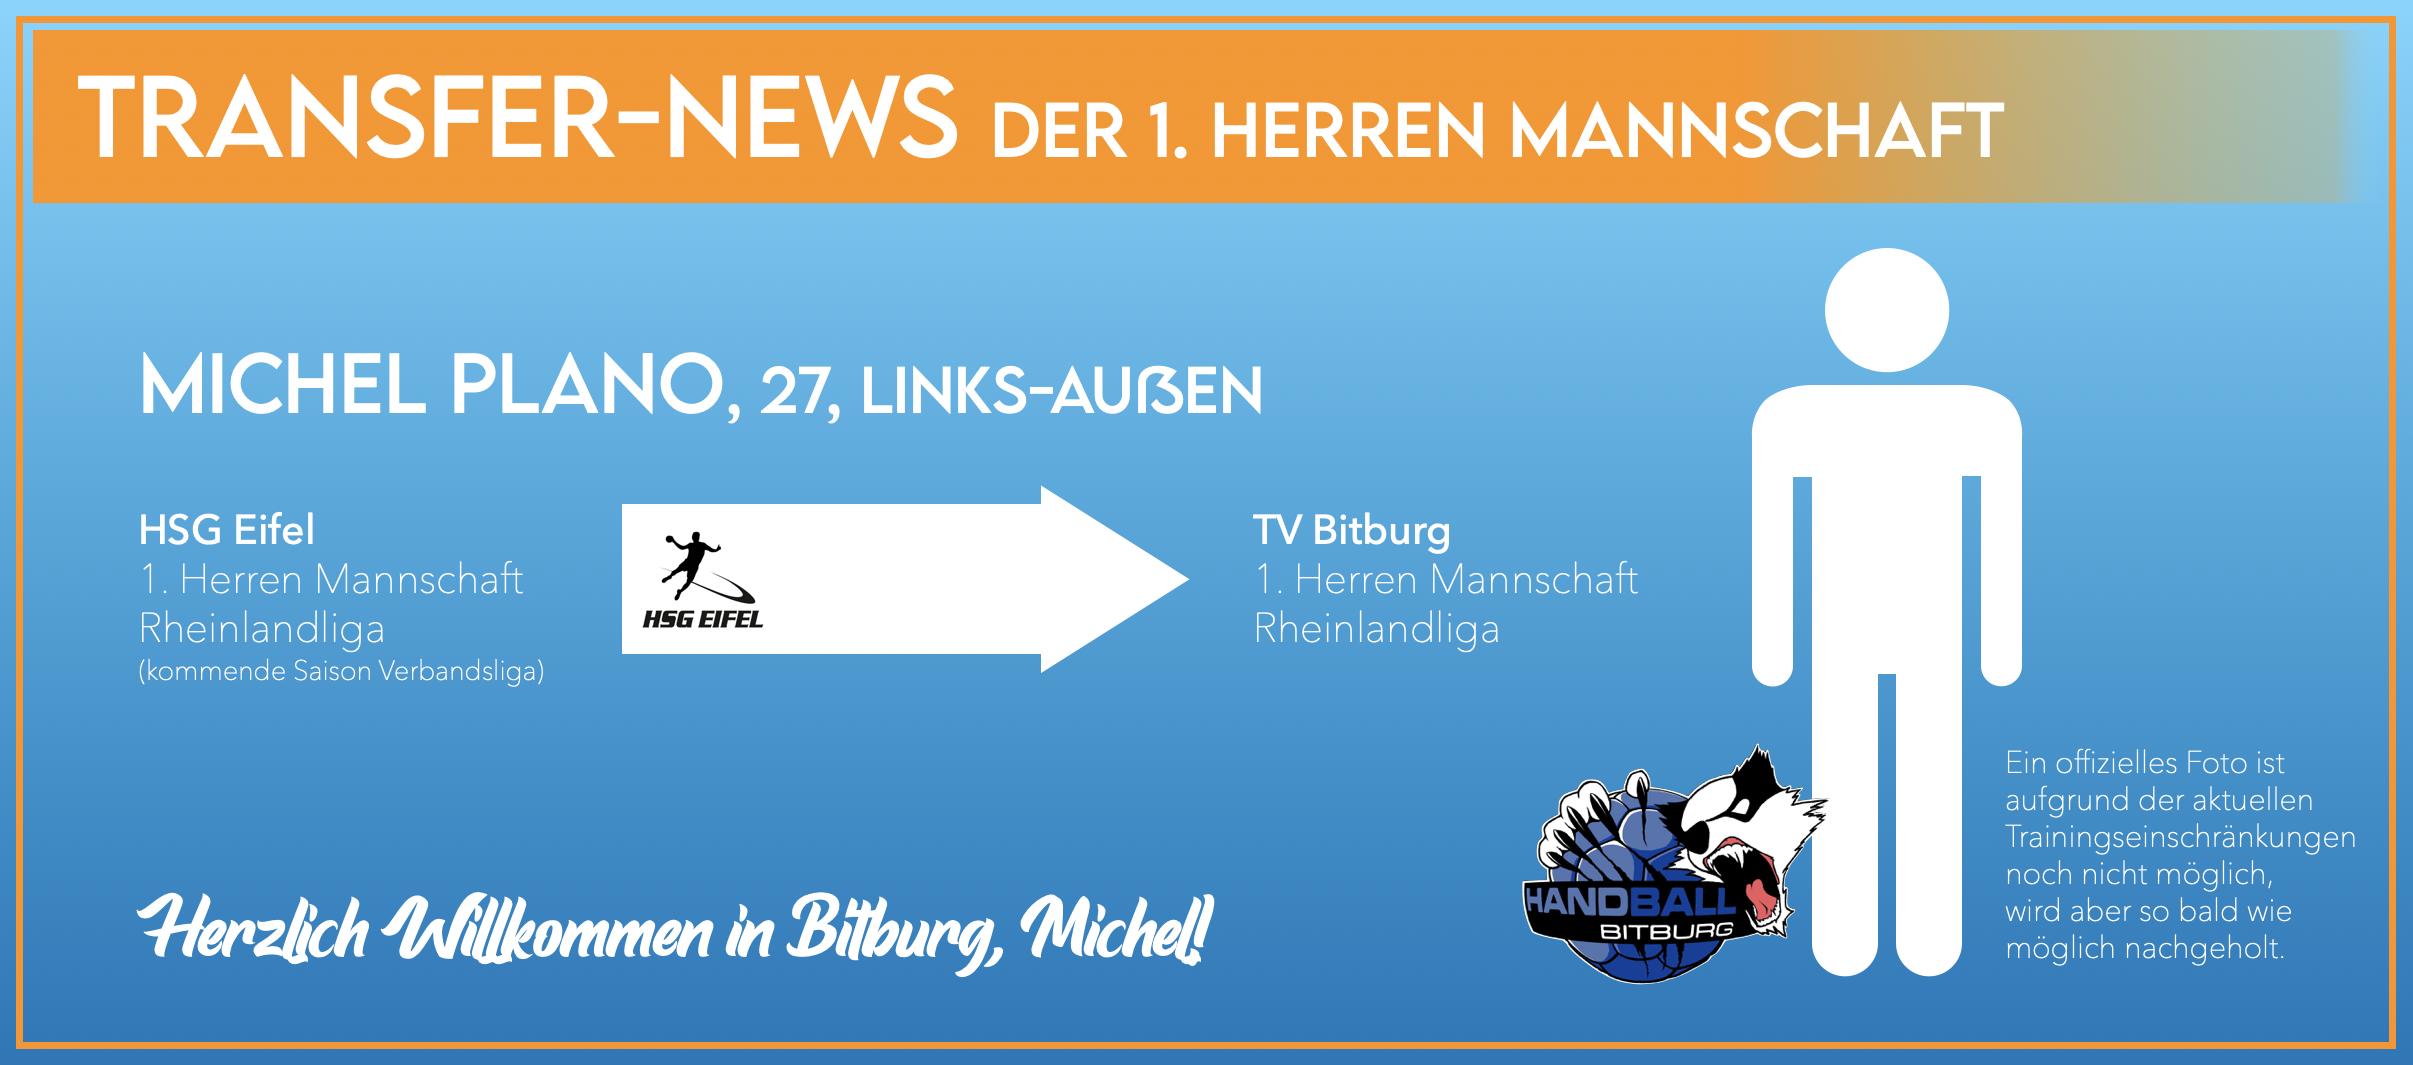 Michel Plano wechselt nach Bitburg